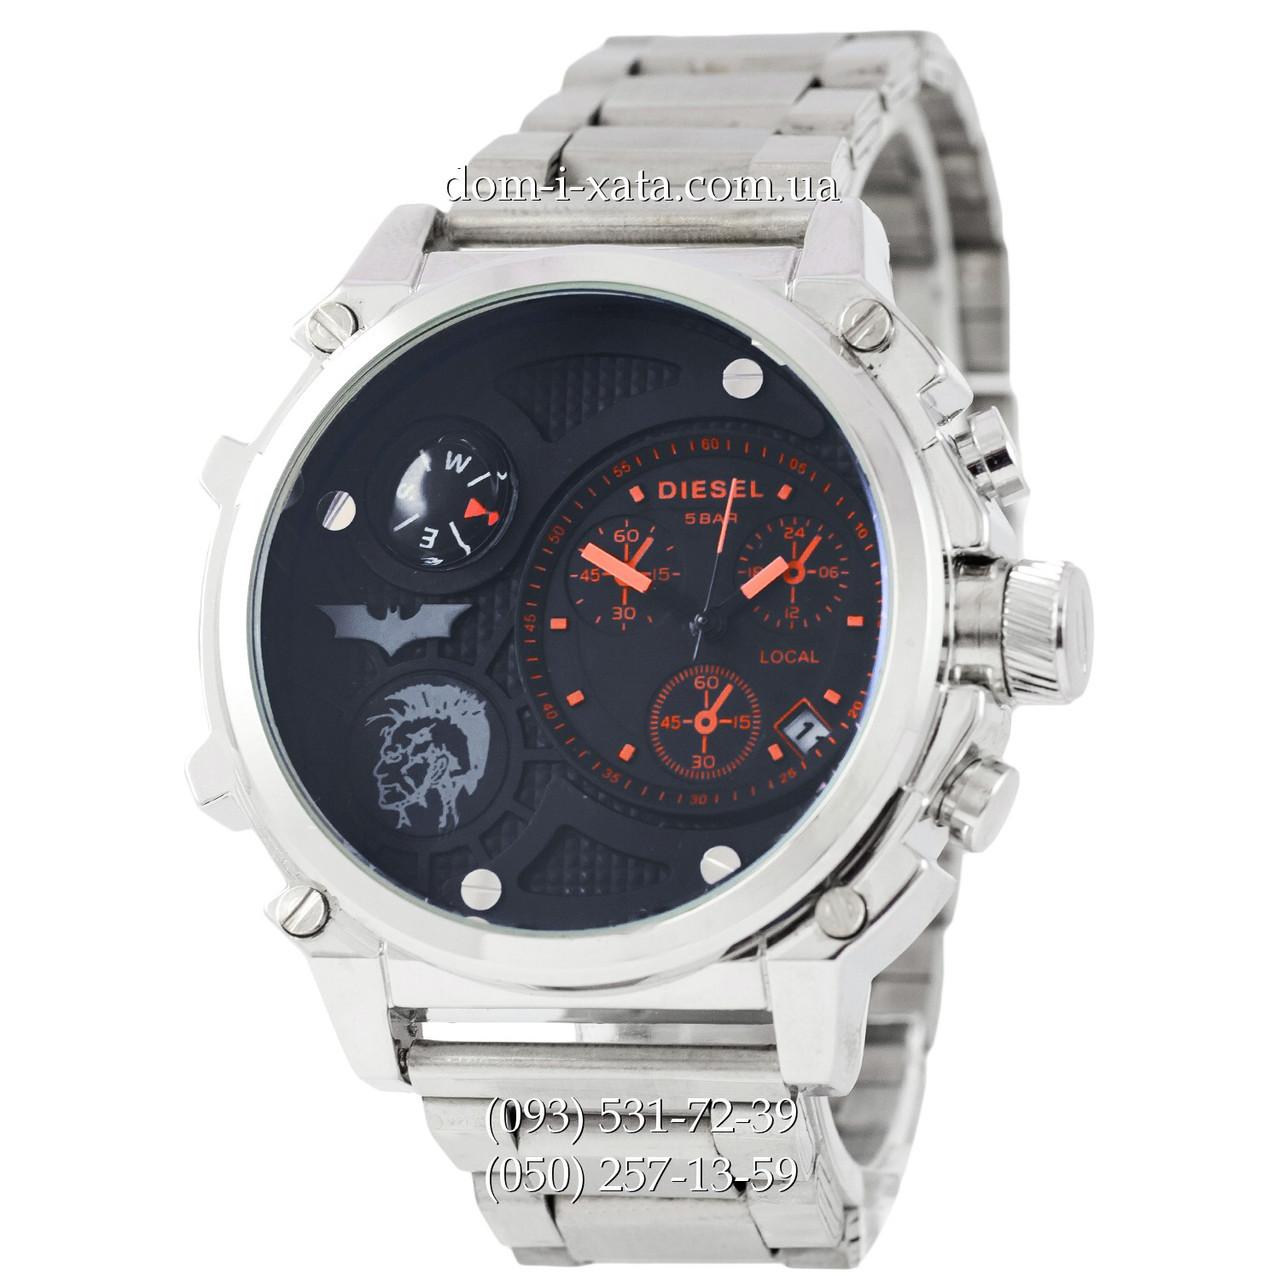 Мужские наручные часы Diesel Steel Brave 2221 Silver-Black-Red, кварцевые, элитные часы Дизель Стил Брейв, реплика отличное качество!